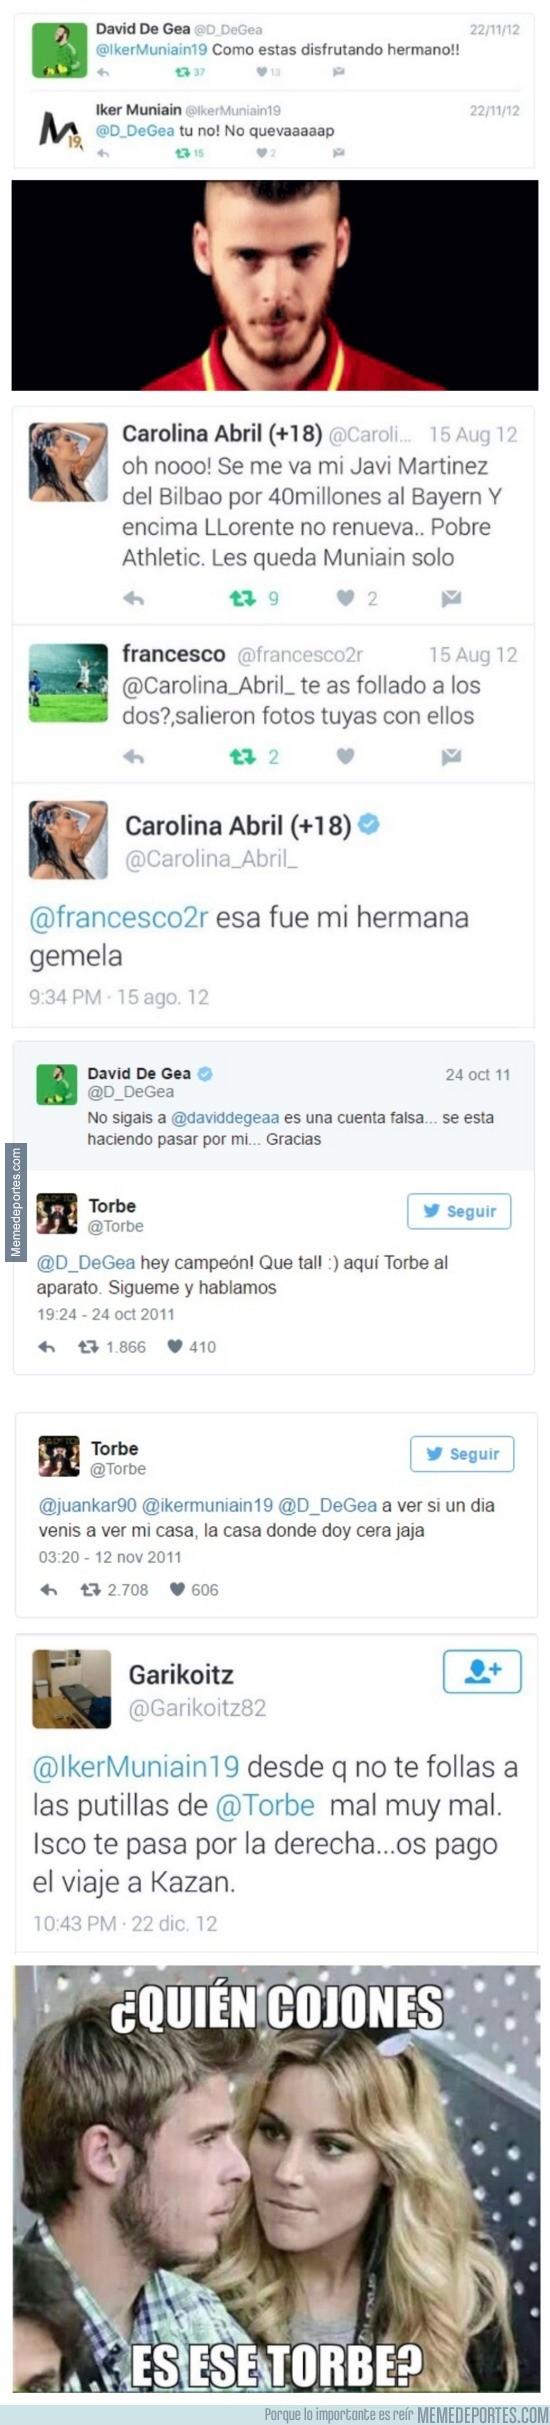 870408 - Toda la conversación en twitter de De Gea, Muniaín, Torbe y las implicadas